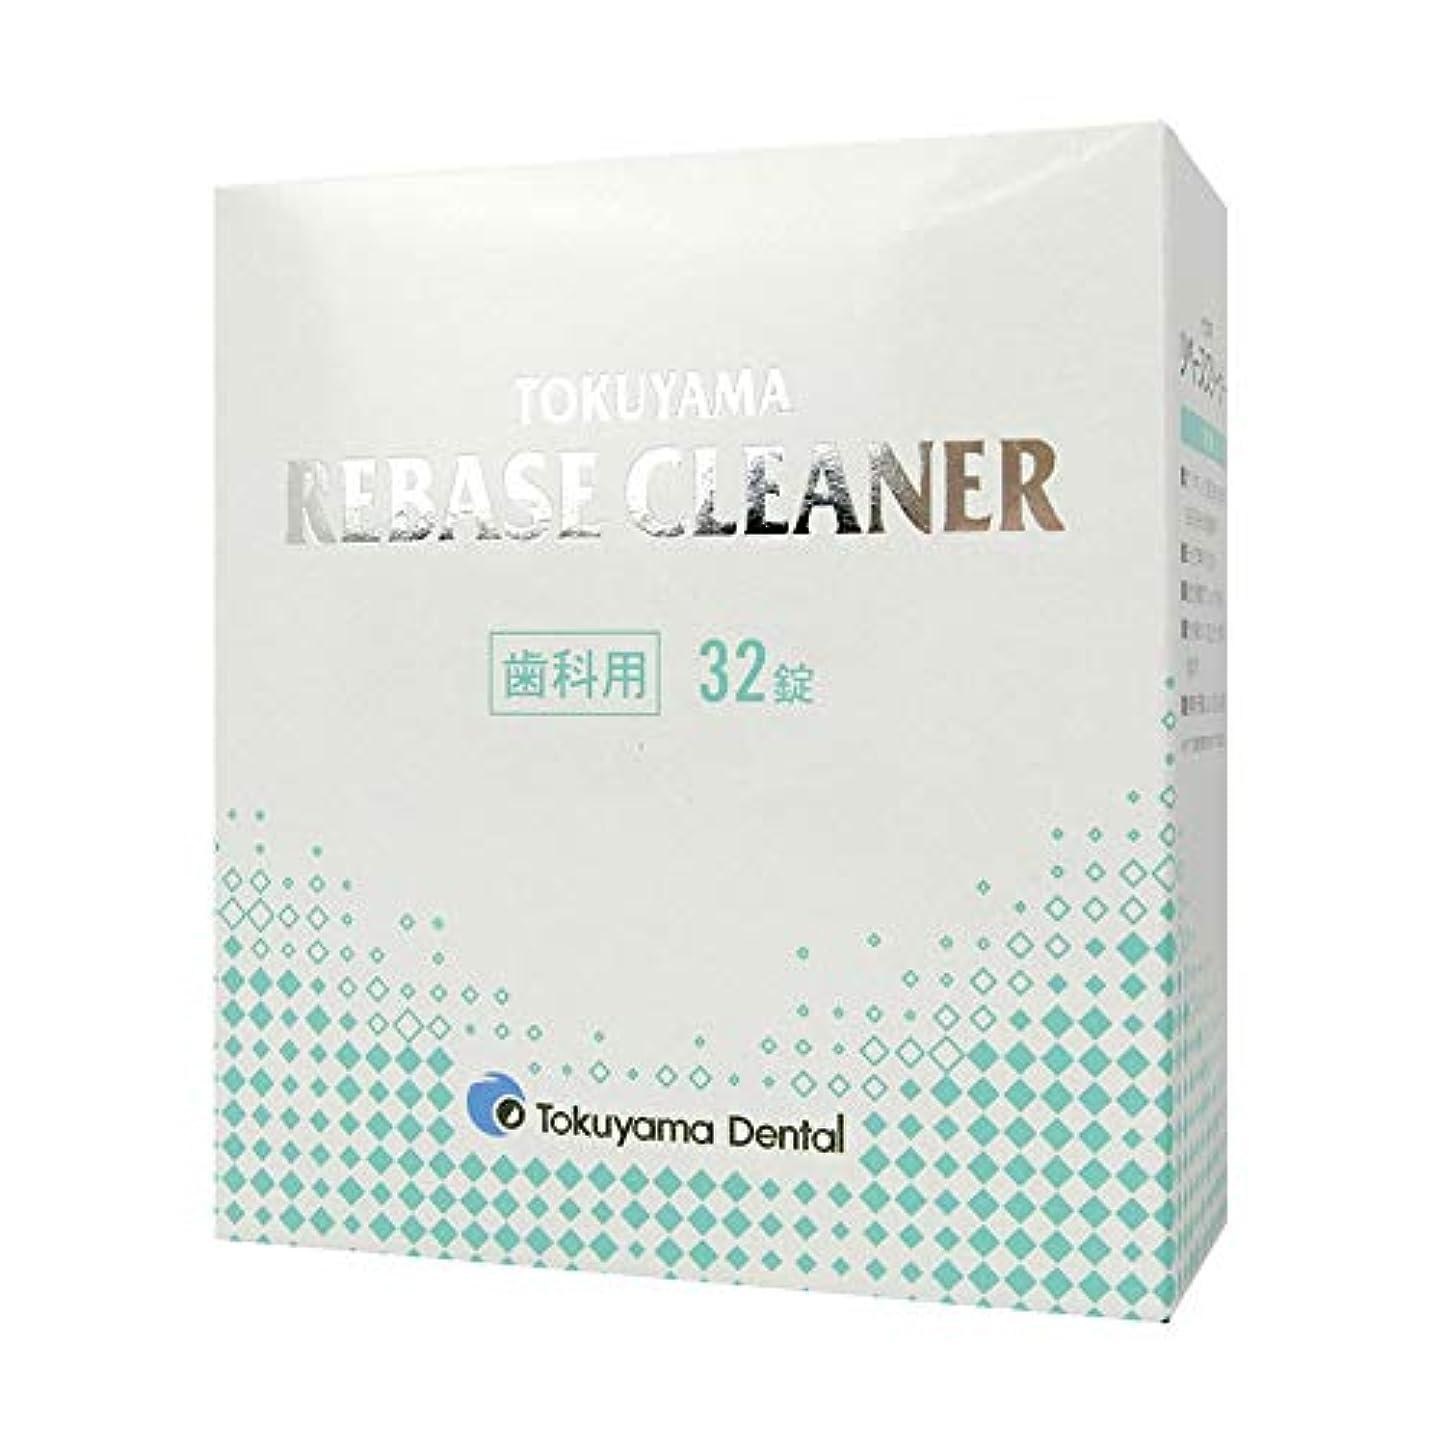 何もない感性オプショントクヤマ リベースクリーナー 32錠(入れ歯洗浄剤) × 1個